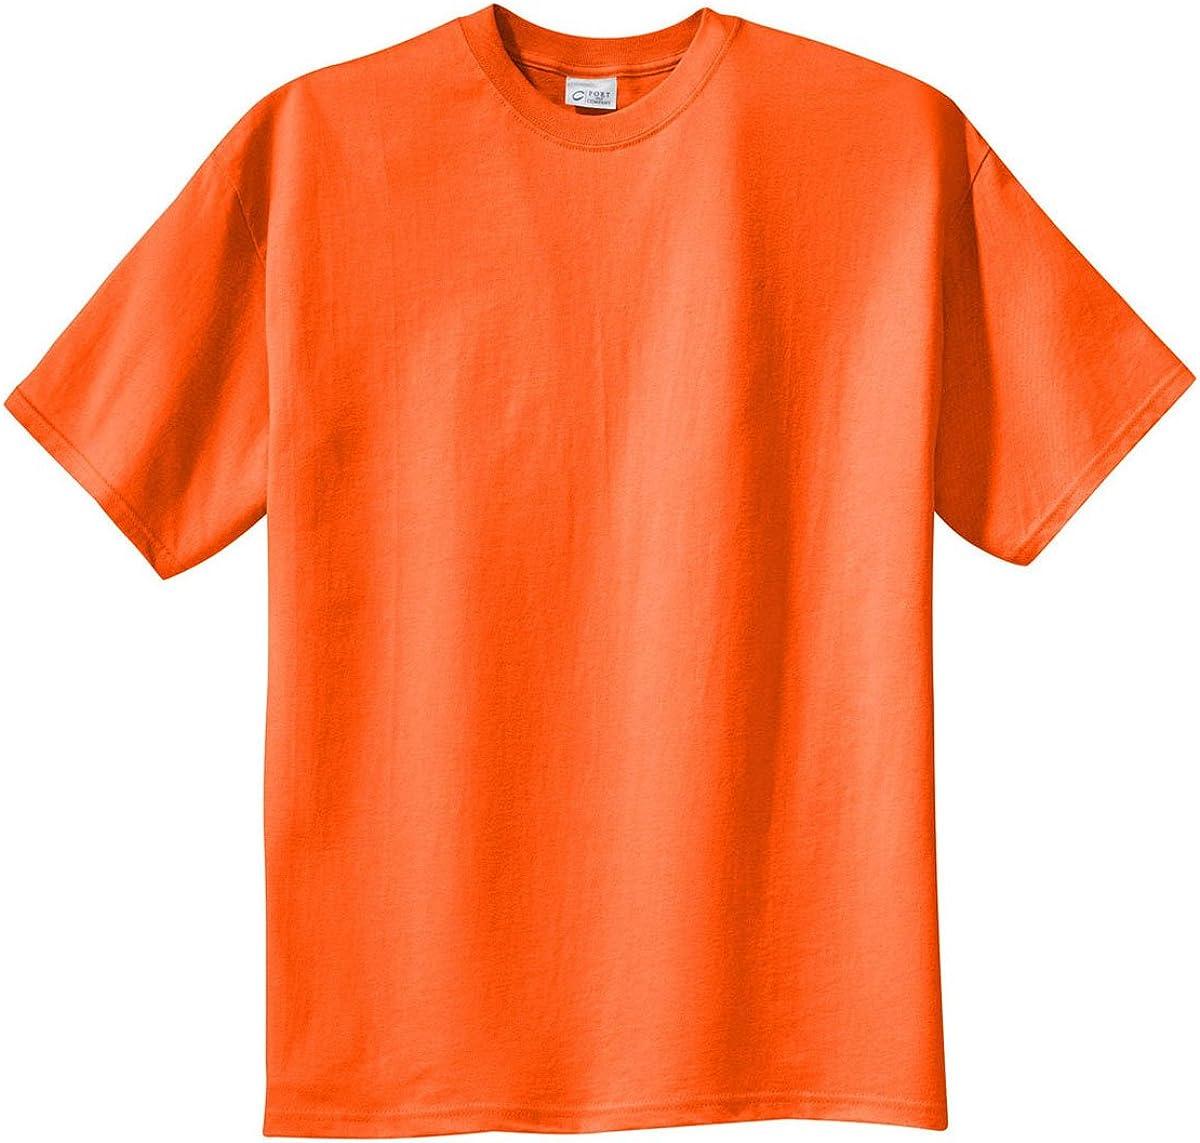 Port & Company Tall Essential T-Shirt-4XLT (Sand),2X Tall,Orange